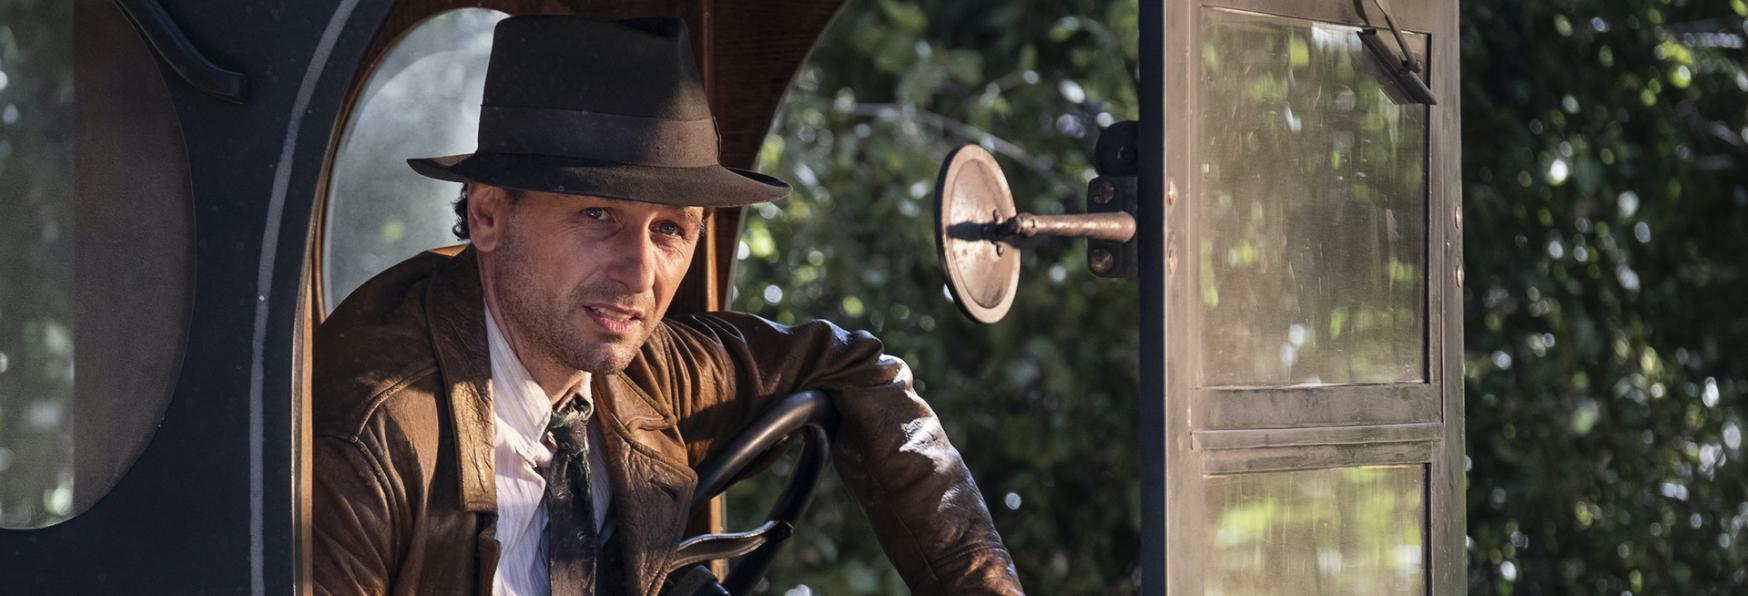 Perry Mason 2: la star Matthew Rhys parla della nuova Stagione